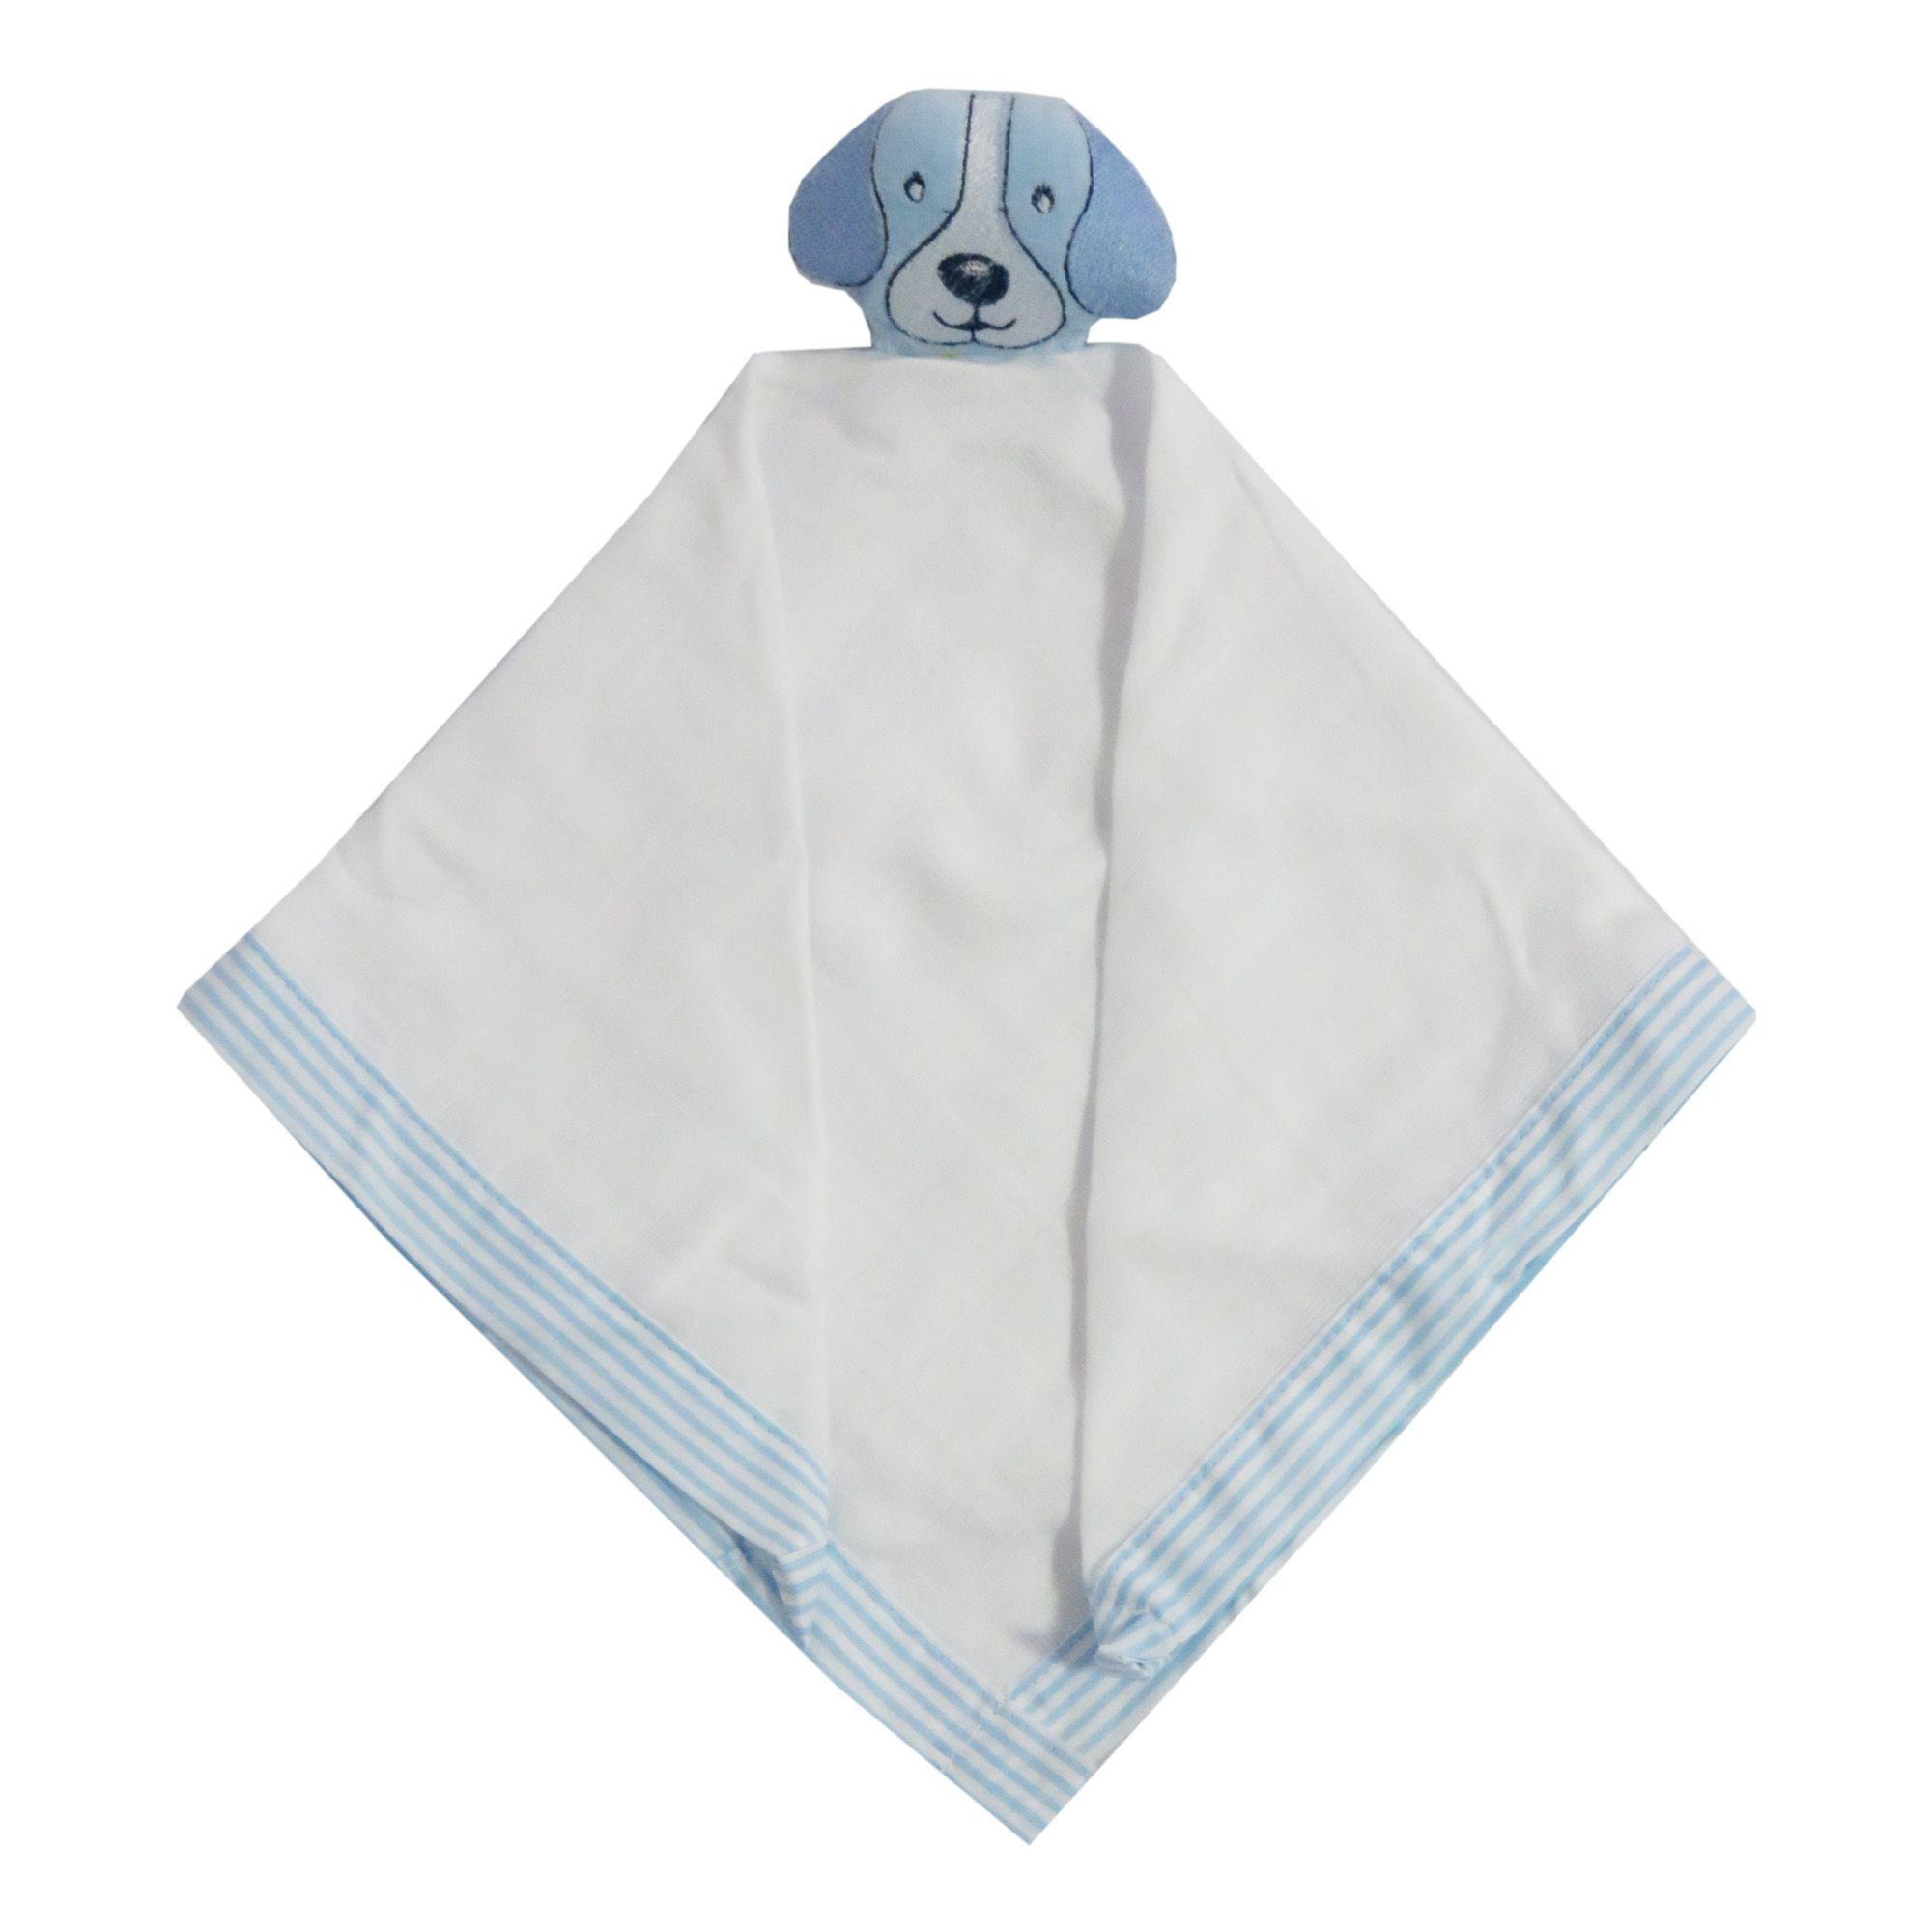 Naninha - Minasrey - Carinhas - Cachorro - Azul